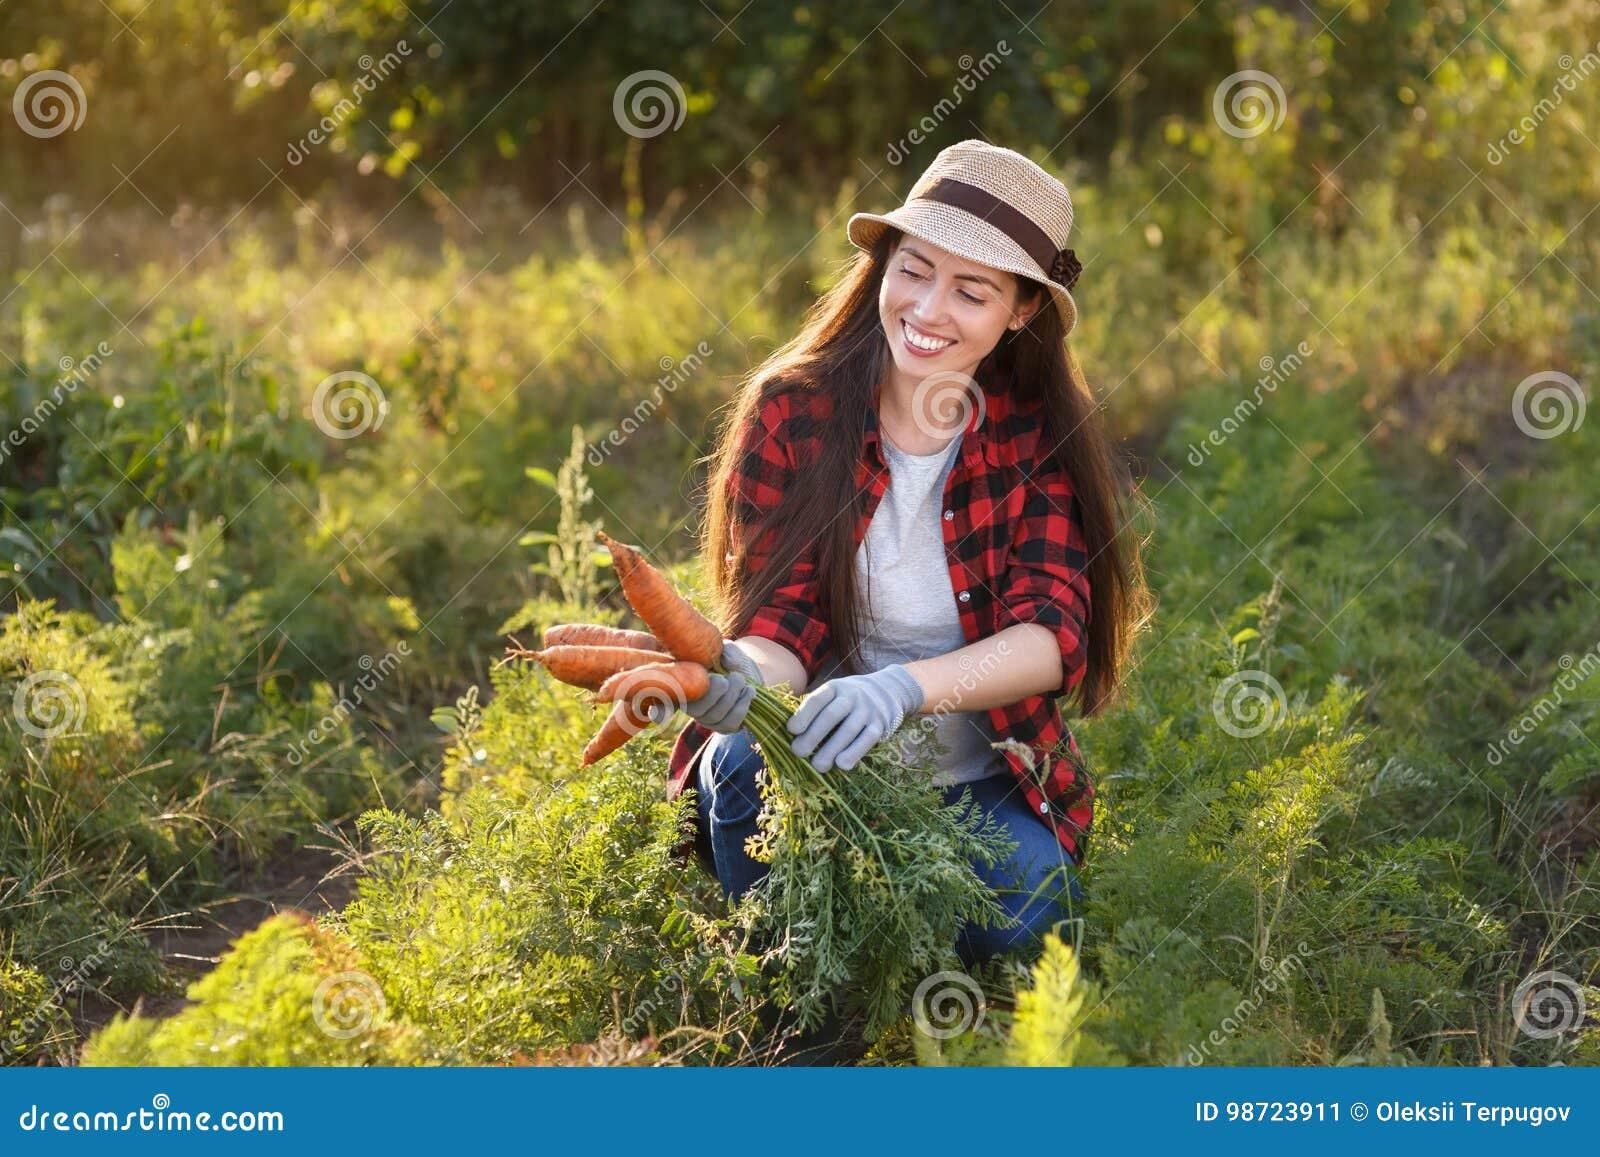 Trädgårdsmästare med morötter i en grönsakträdgård